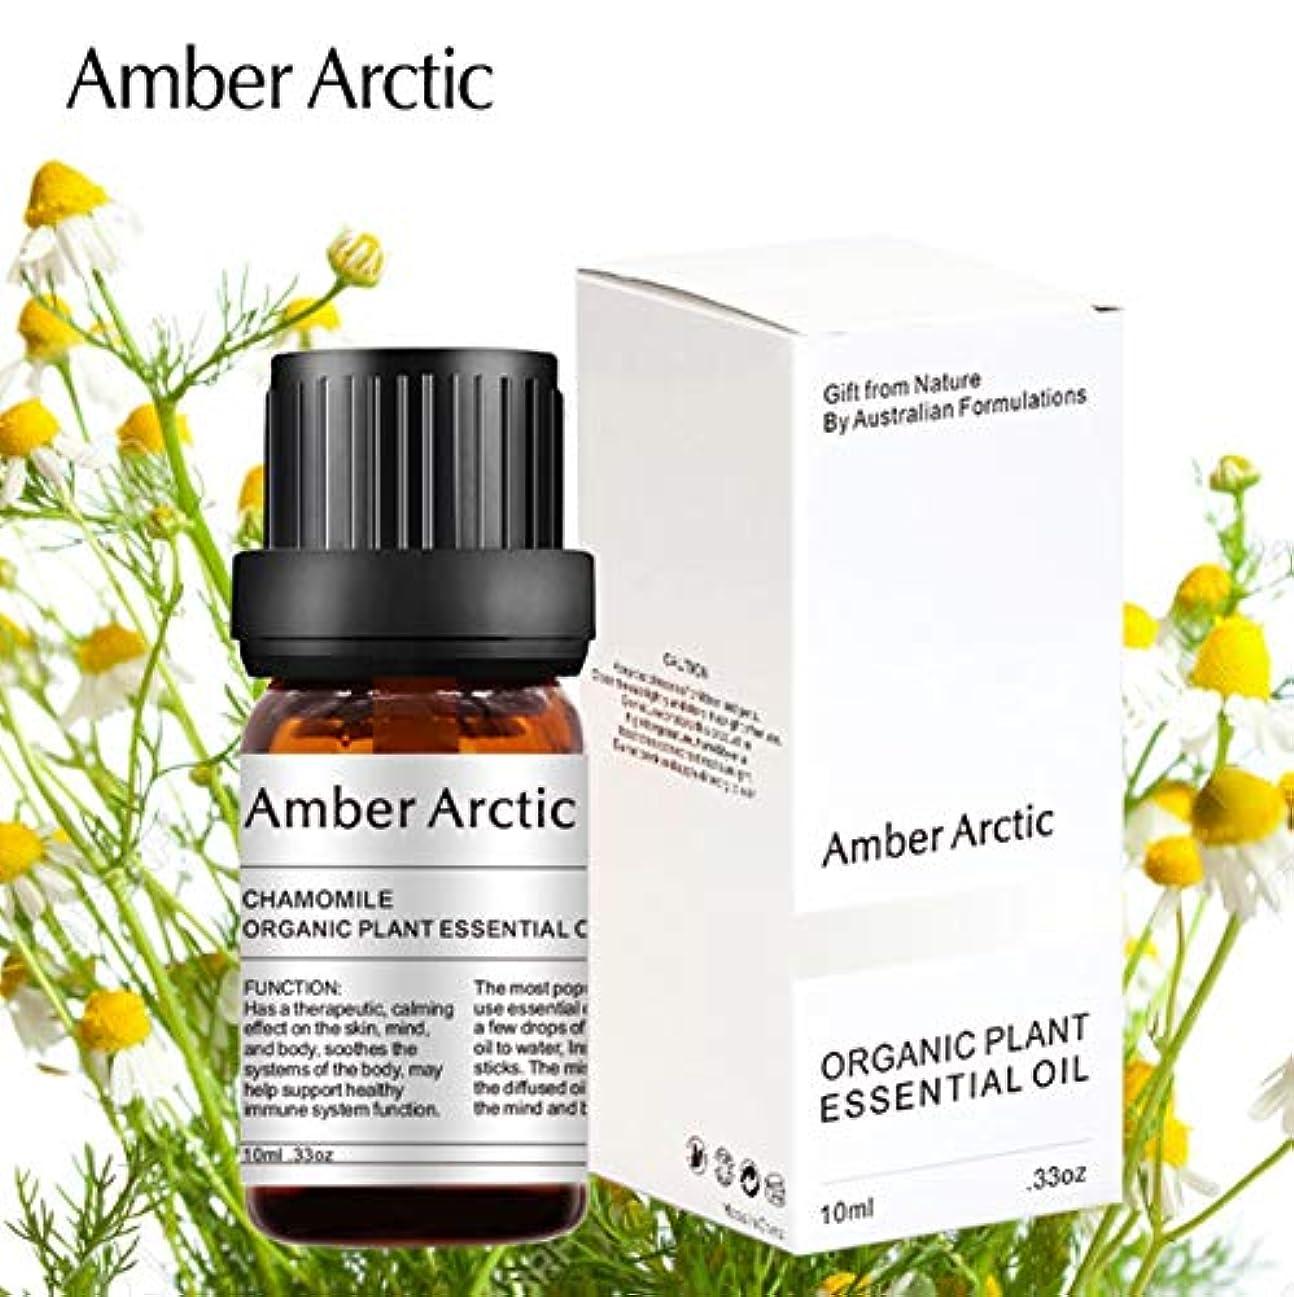 信号どんよりした考古学Amber Arctic カモミール エッセンシャル オイル、100% ピュア 天然 アロマテラピー カモミール オイル スプレッド 用 (10ML) カモミール